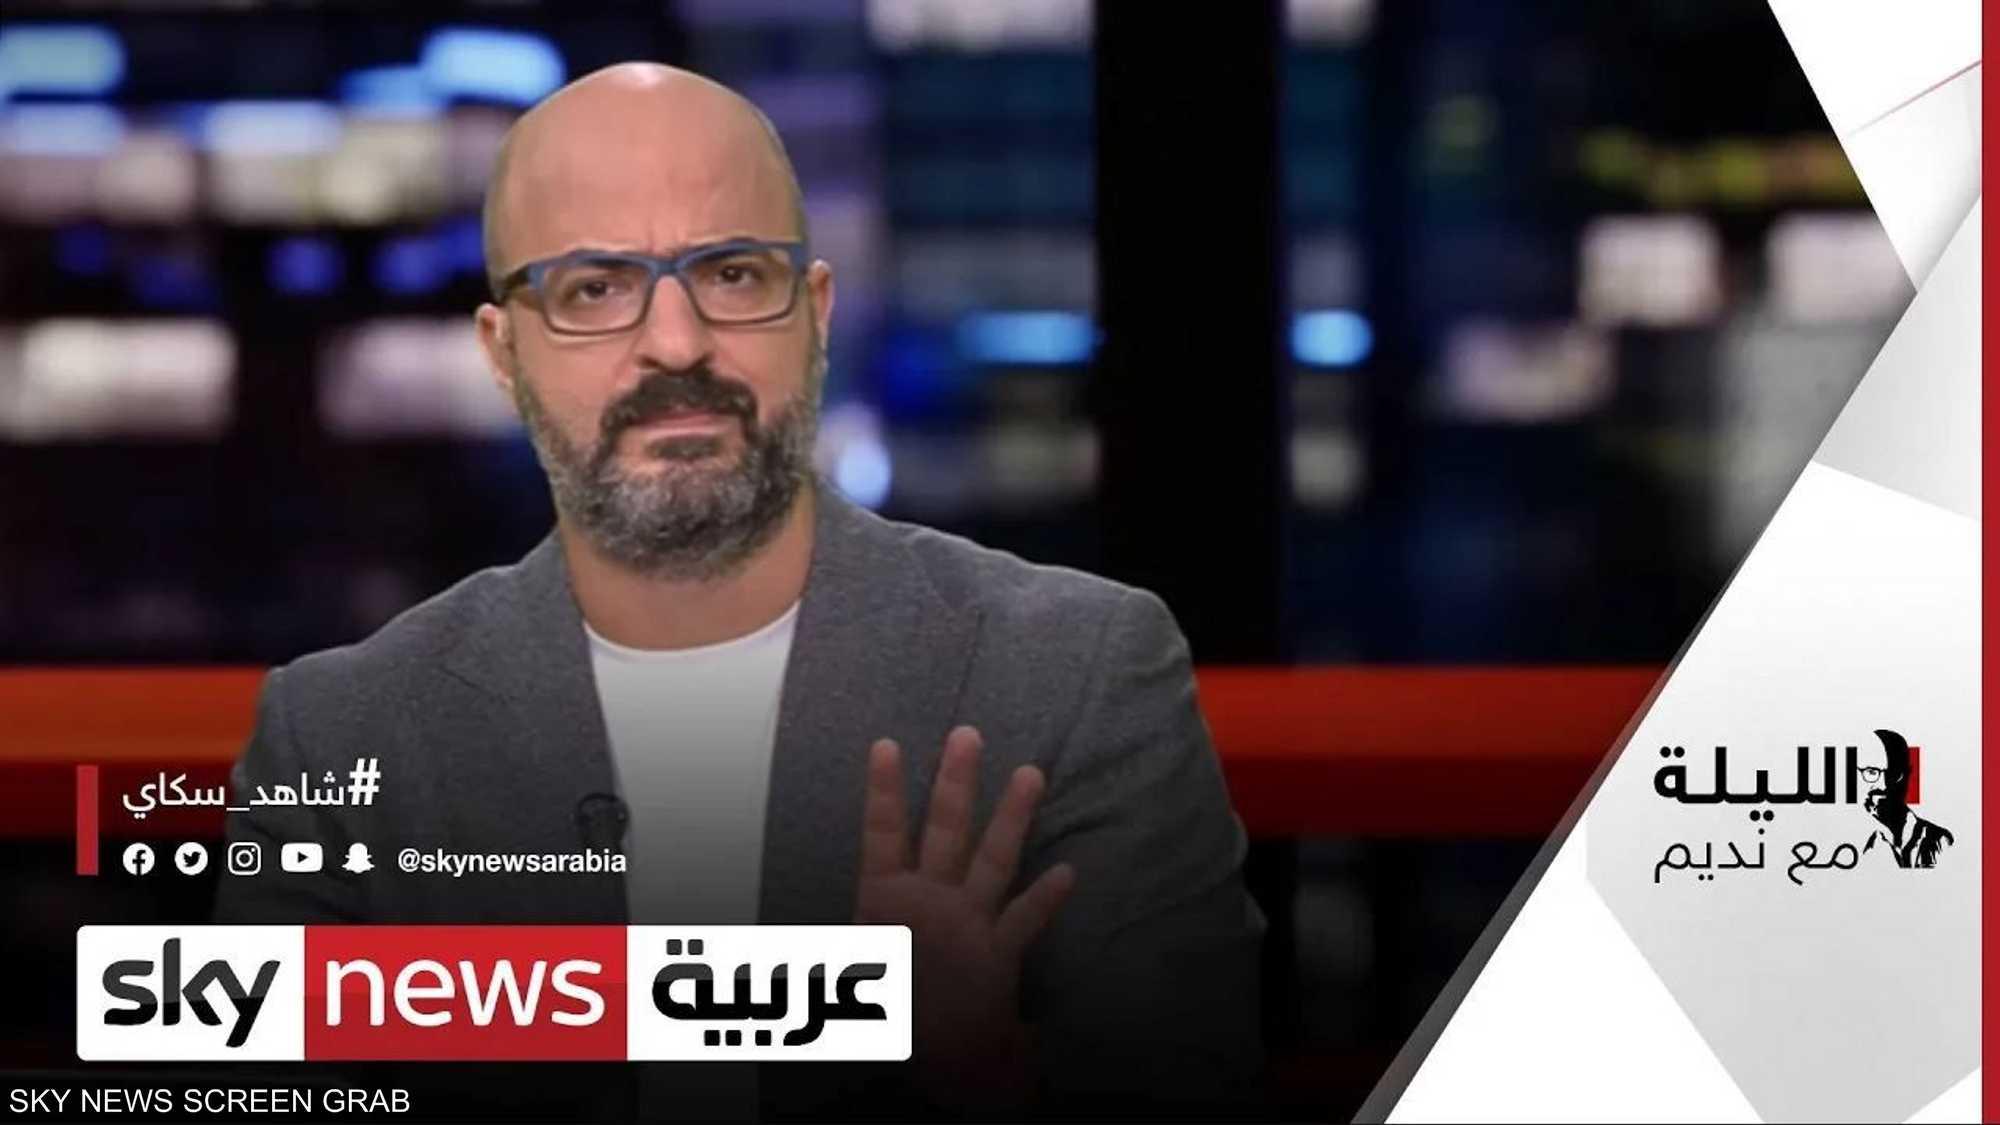 عدد إصابات كورونا في لبنان إلى ارتفاع